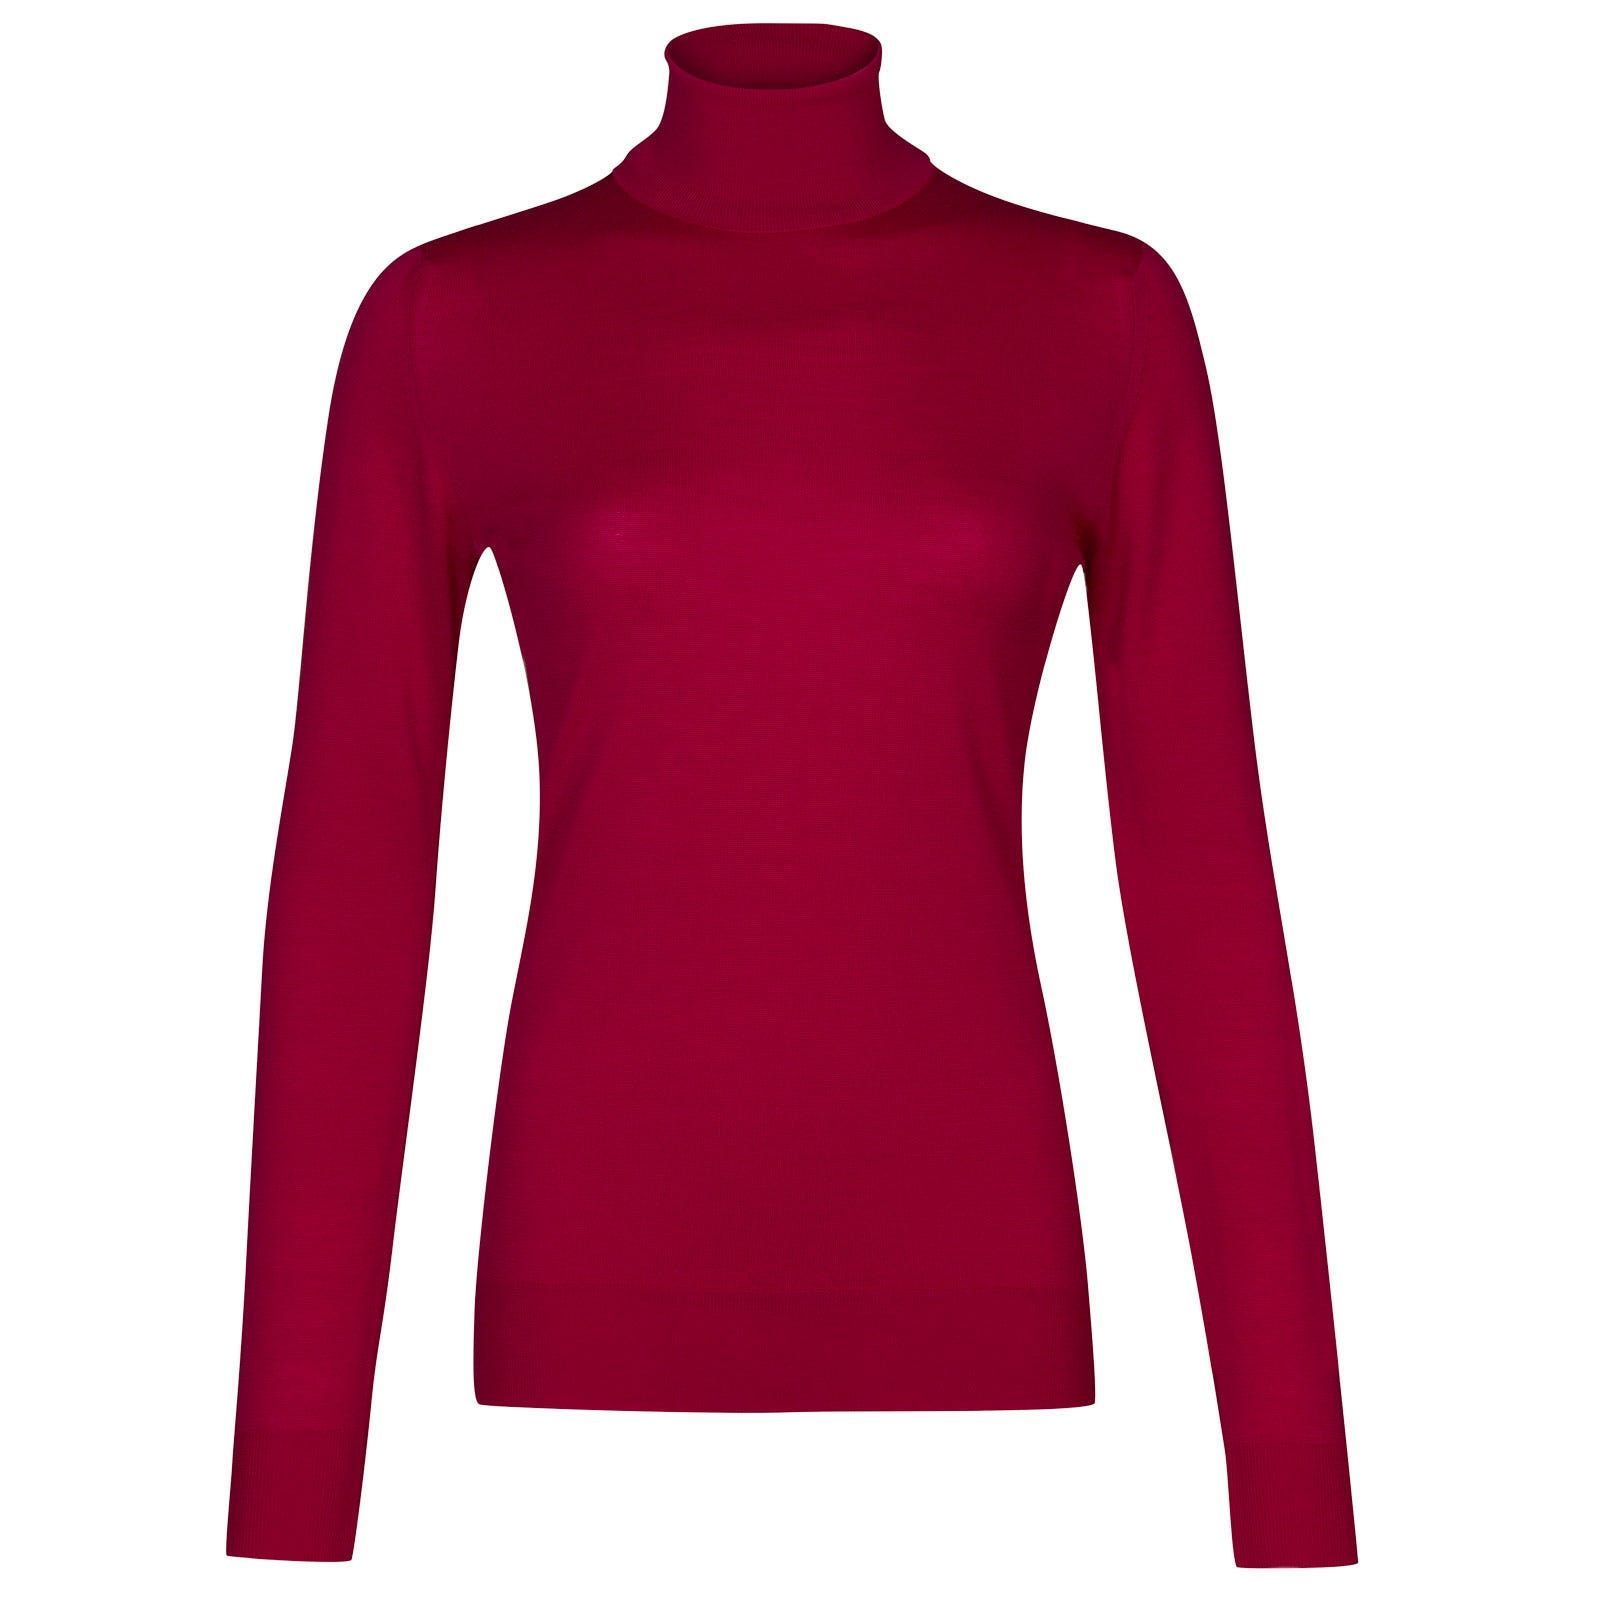 John Smedley Catkin Merino Wool Sweater in Scarlet Sky-L